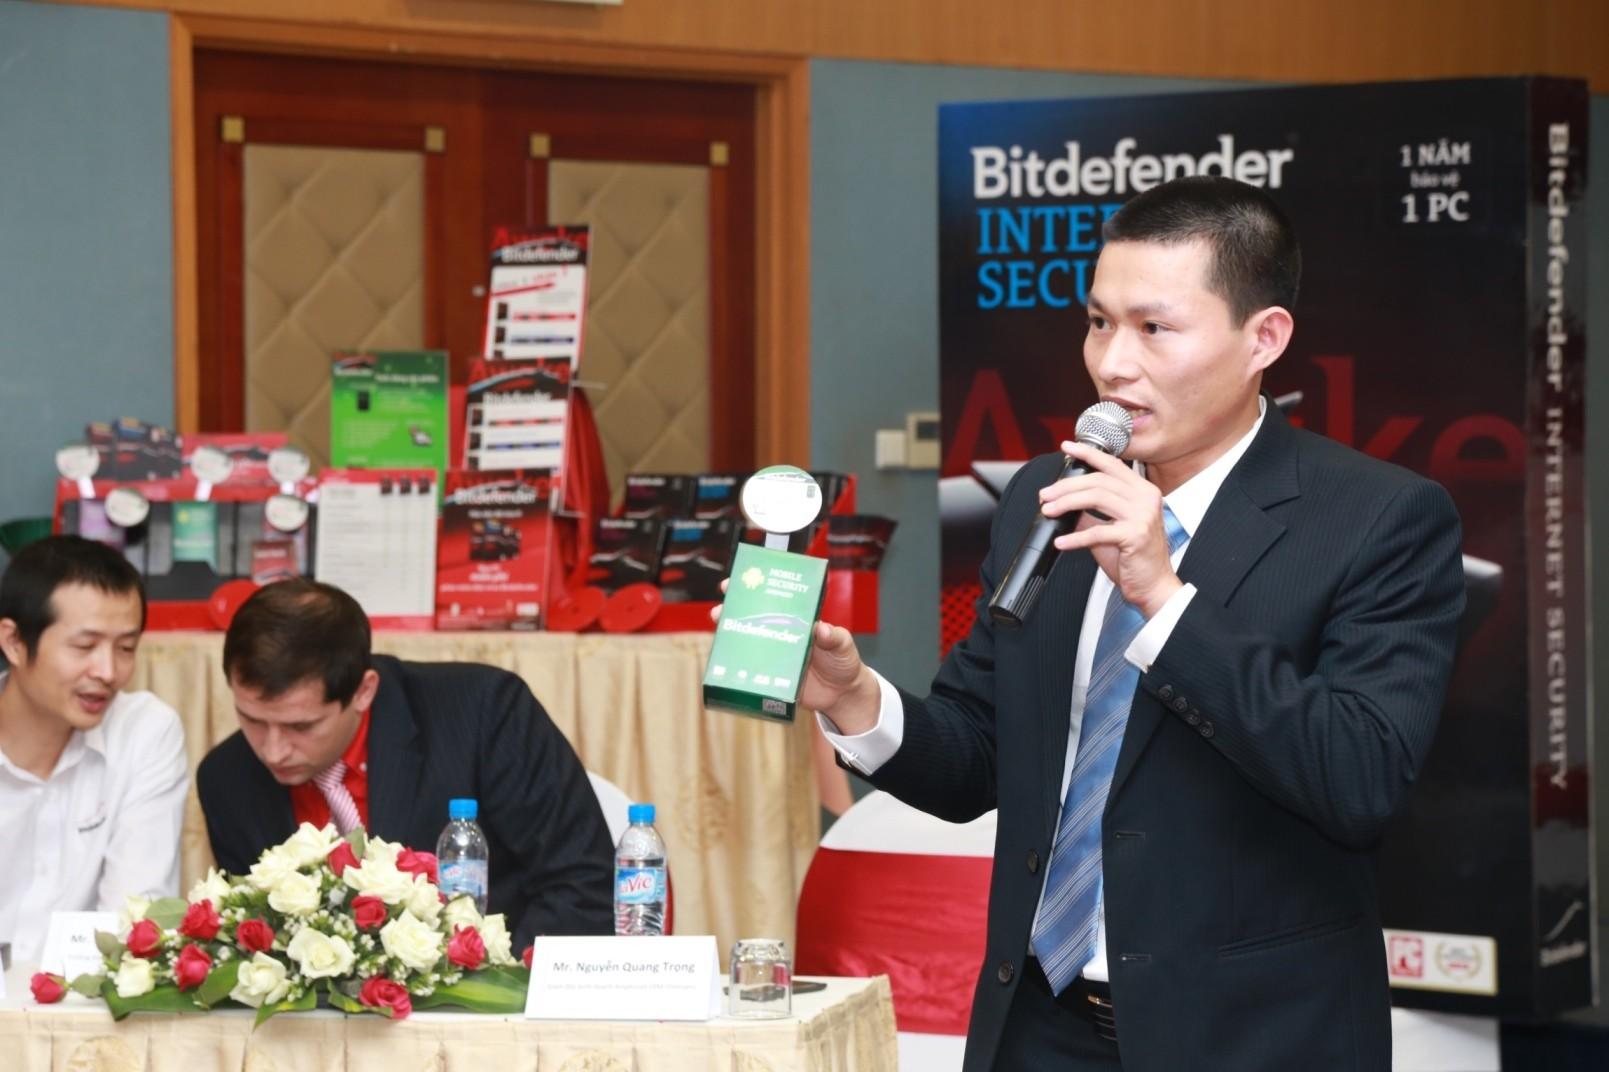 IMG 5319 - Bitdefender công bố sản phẩm diệt virus năm 2014